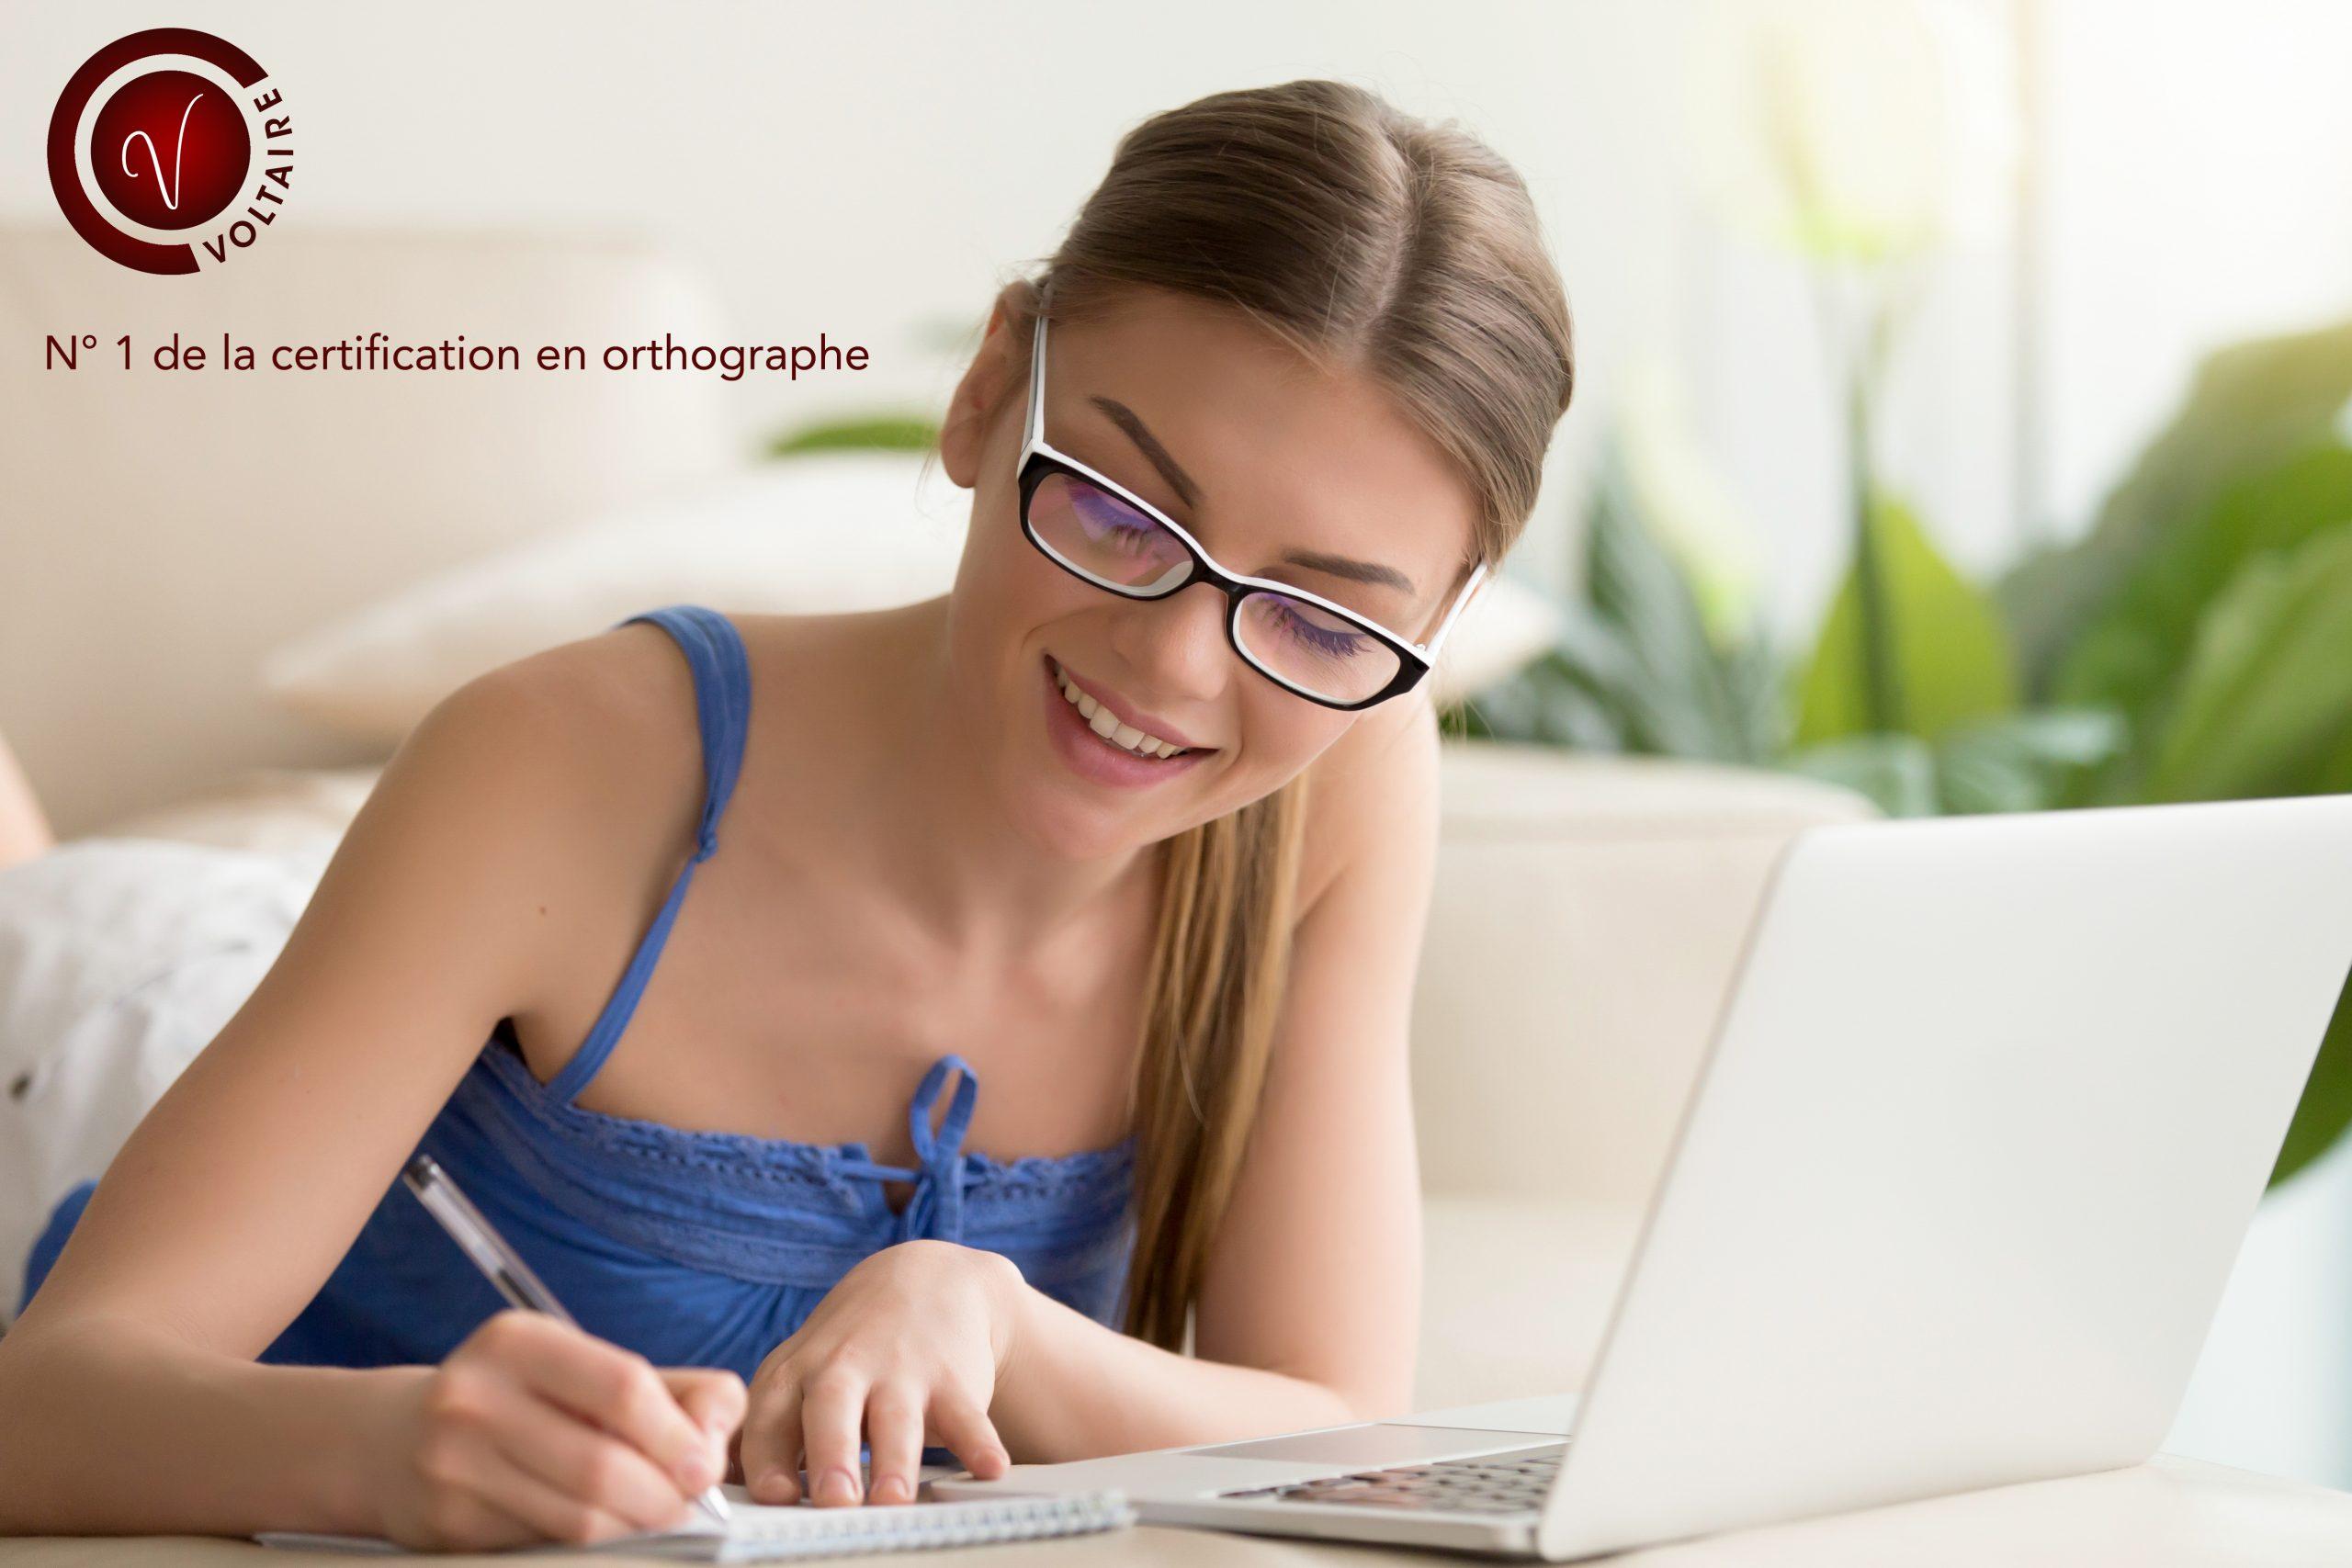 jeune femme qui écrit projet voltaire